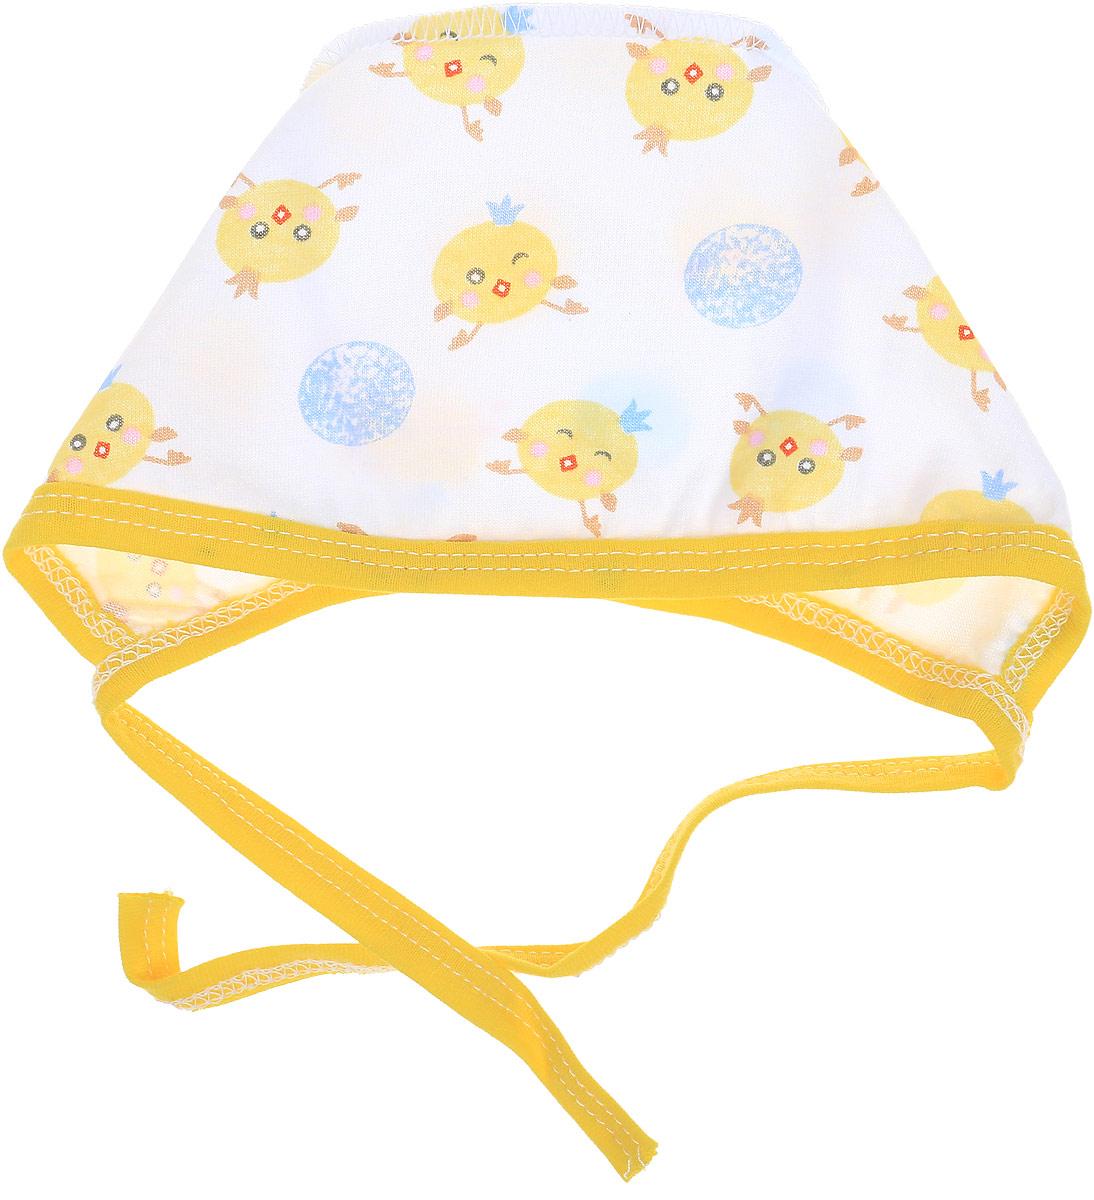 Чепчик Чудесные одежки, цвет: белый, желтый. 6105. Размер 566105Мягкий чепчик Чудесные одежки изготовлен из натурального хлопка. Швы изделия выполнены наружу. Модель по краю дополнена бейкой контрастного цвета. С помощью завязок можно регулировать обхват головы и шеи. Оформлен чепчик интересным принтом с изображением цыплят.Чепчик необходим любому младенцу, он защищает еще не заросший родничок, щадит чувствительный слух малыша, прикрывая ушки, а также предохраняет от теплопотери.